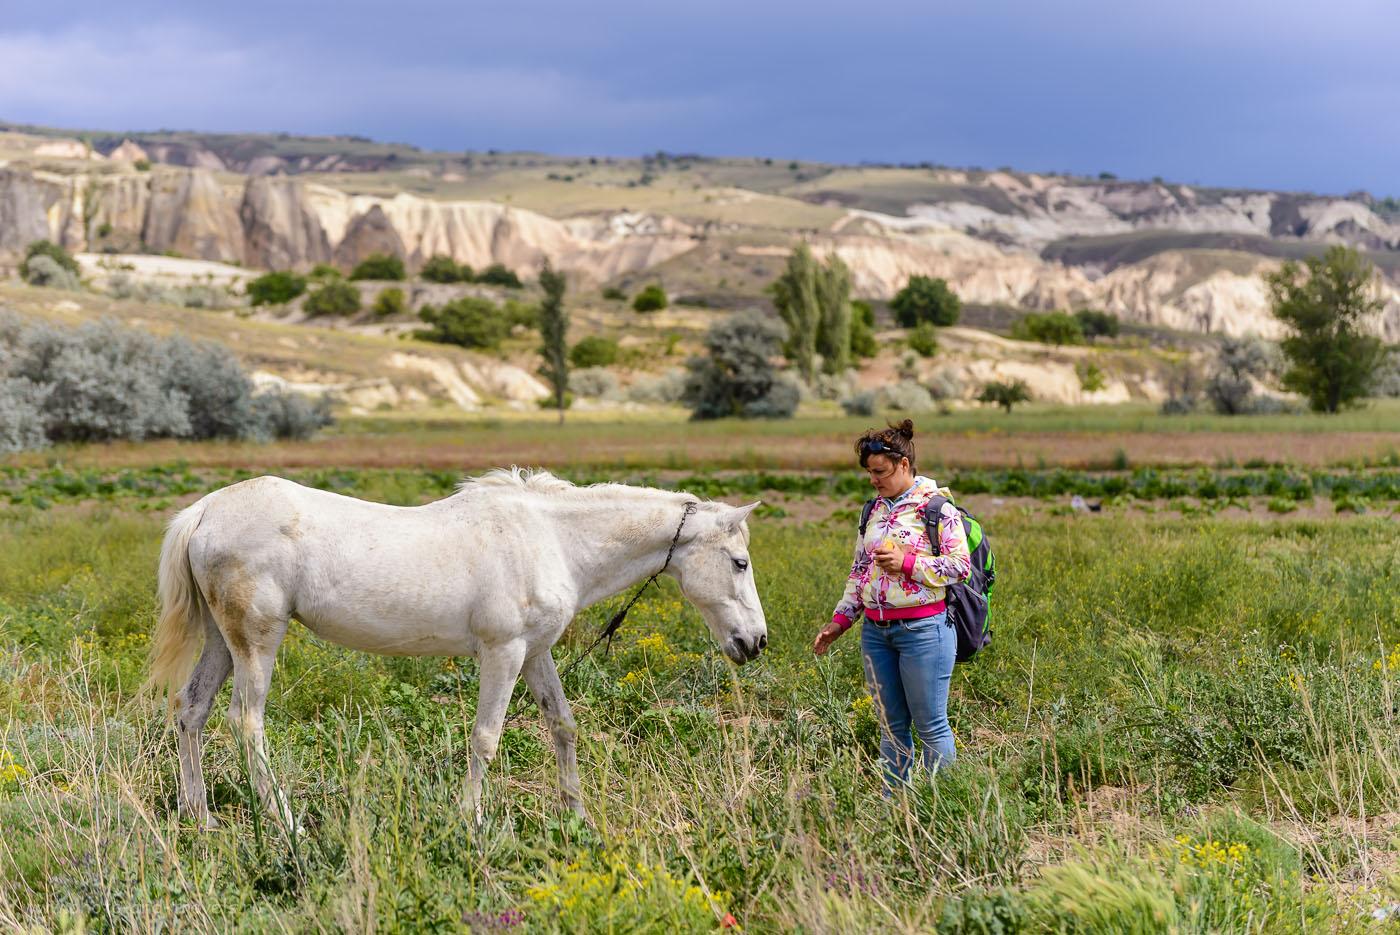 Фотография 32. Каппадокия. Страна прекрасных лошадей. 1/800, -0.33, 4.8, 100, 140.